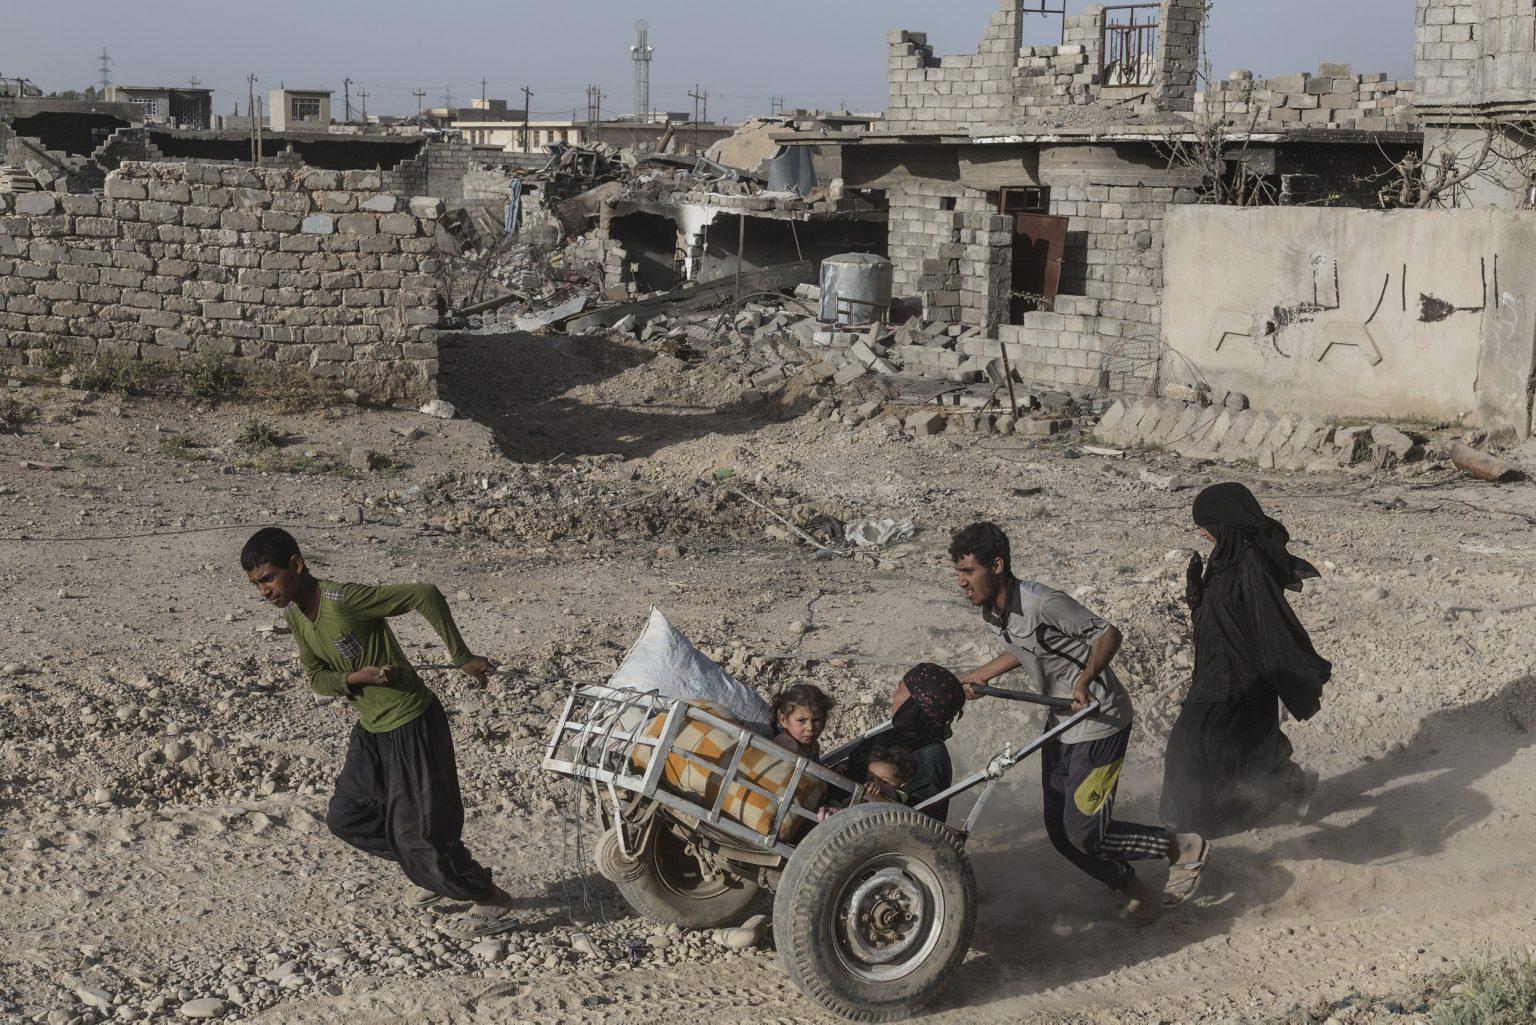 Mosul, Iraq - May 11th 2017 - Mosul's citizens fleeing the violence during the fight between Iraqi troops and Islamic state in the western part of the city. ---------------- Mosul, Iraq - 11 maggio 2017 - I cittadini di Mosul in fuga dalle violenze durante lo scontro tra le truppe irachene e lo Stato islamico nella parte occidentale della città.